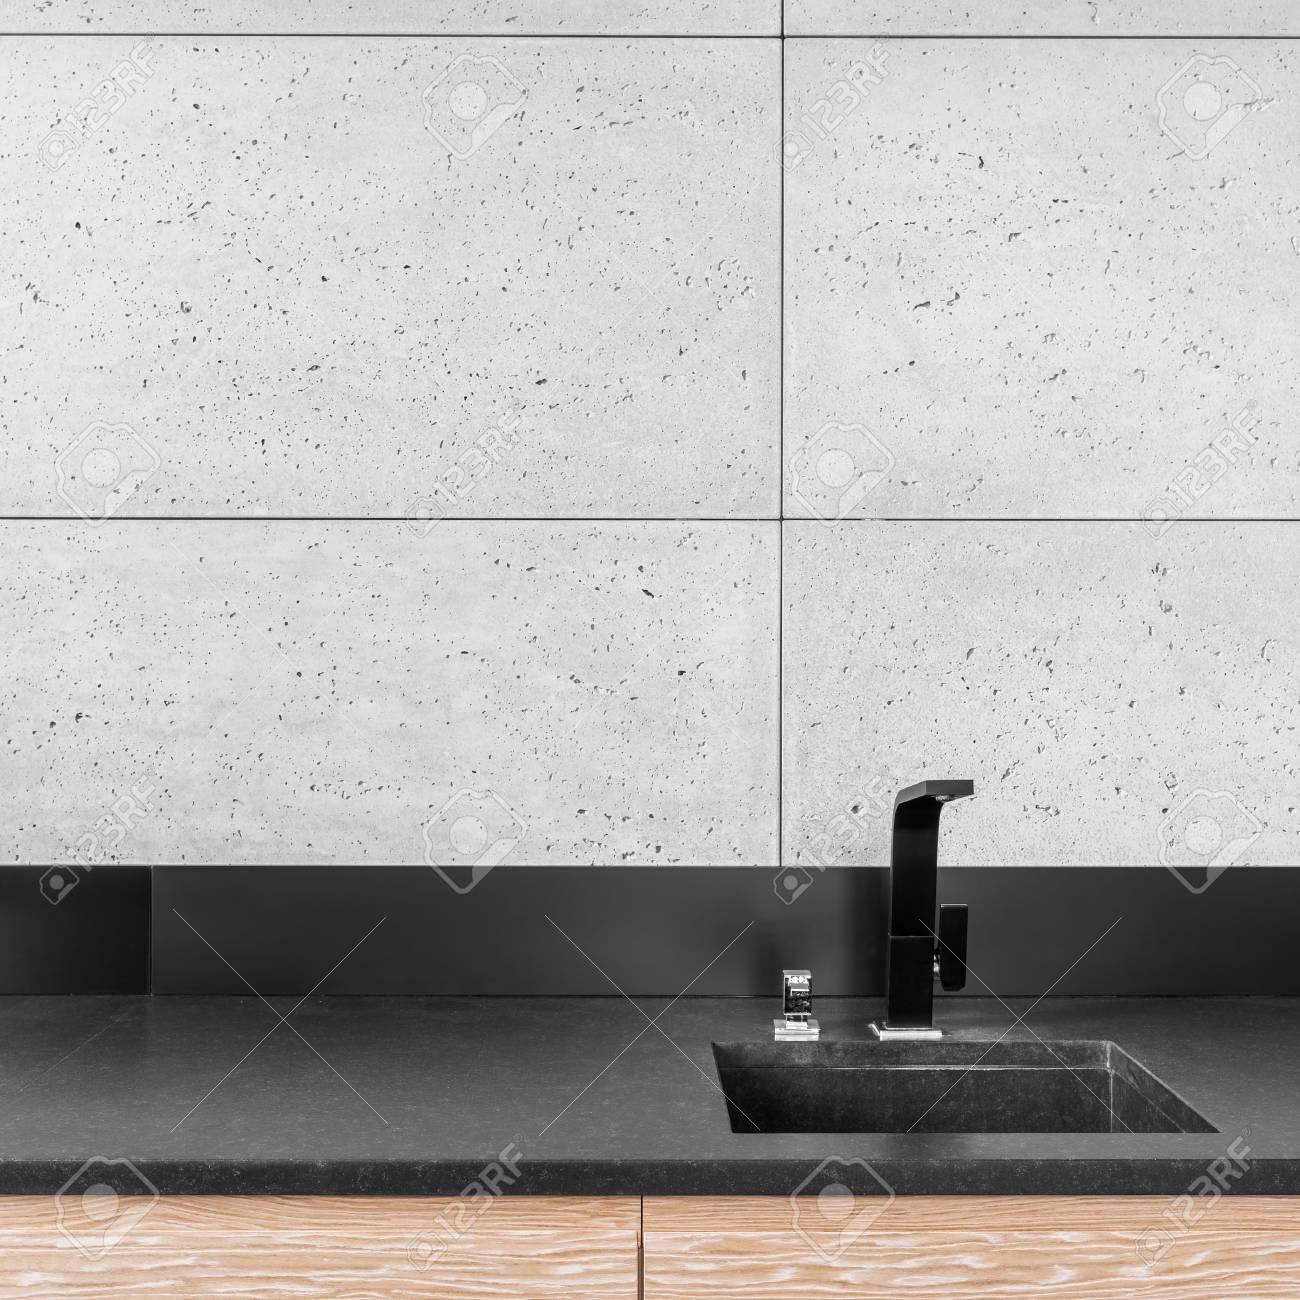 Cuisine moderne avec carrelage mural gris, plan de travail noir, évier et  robinet